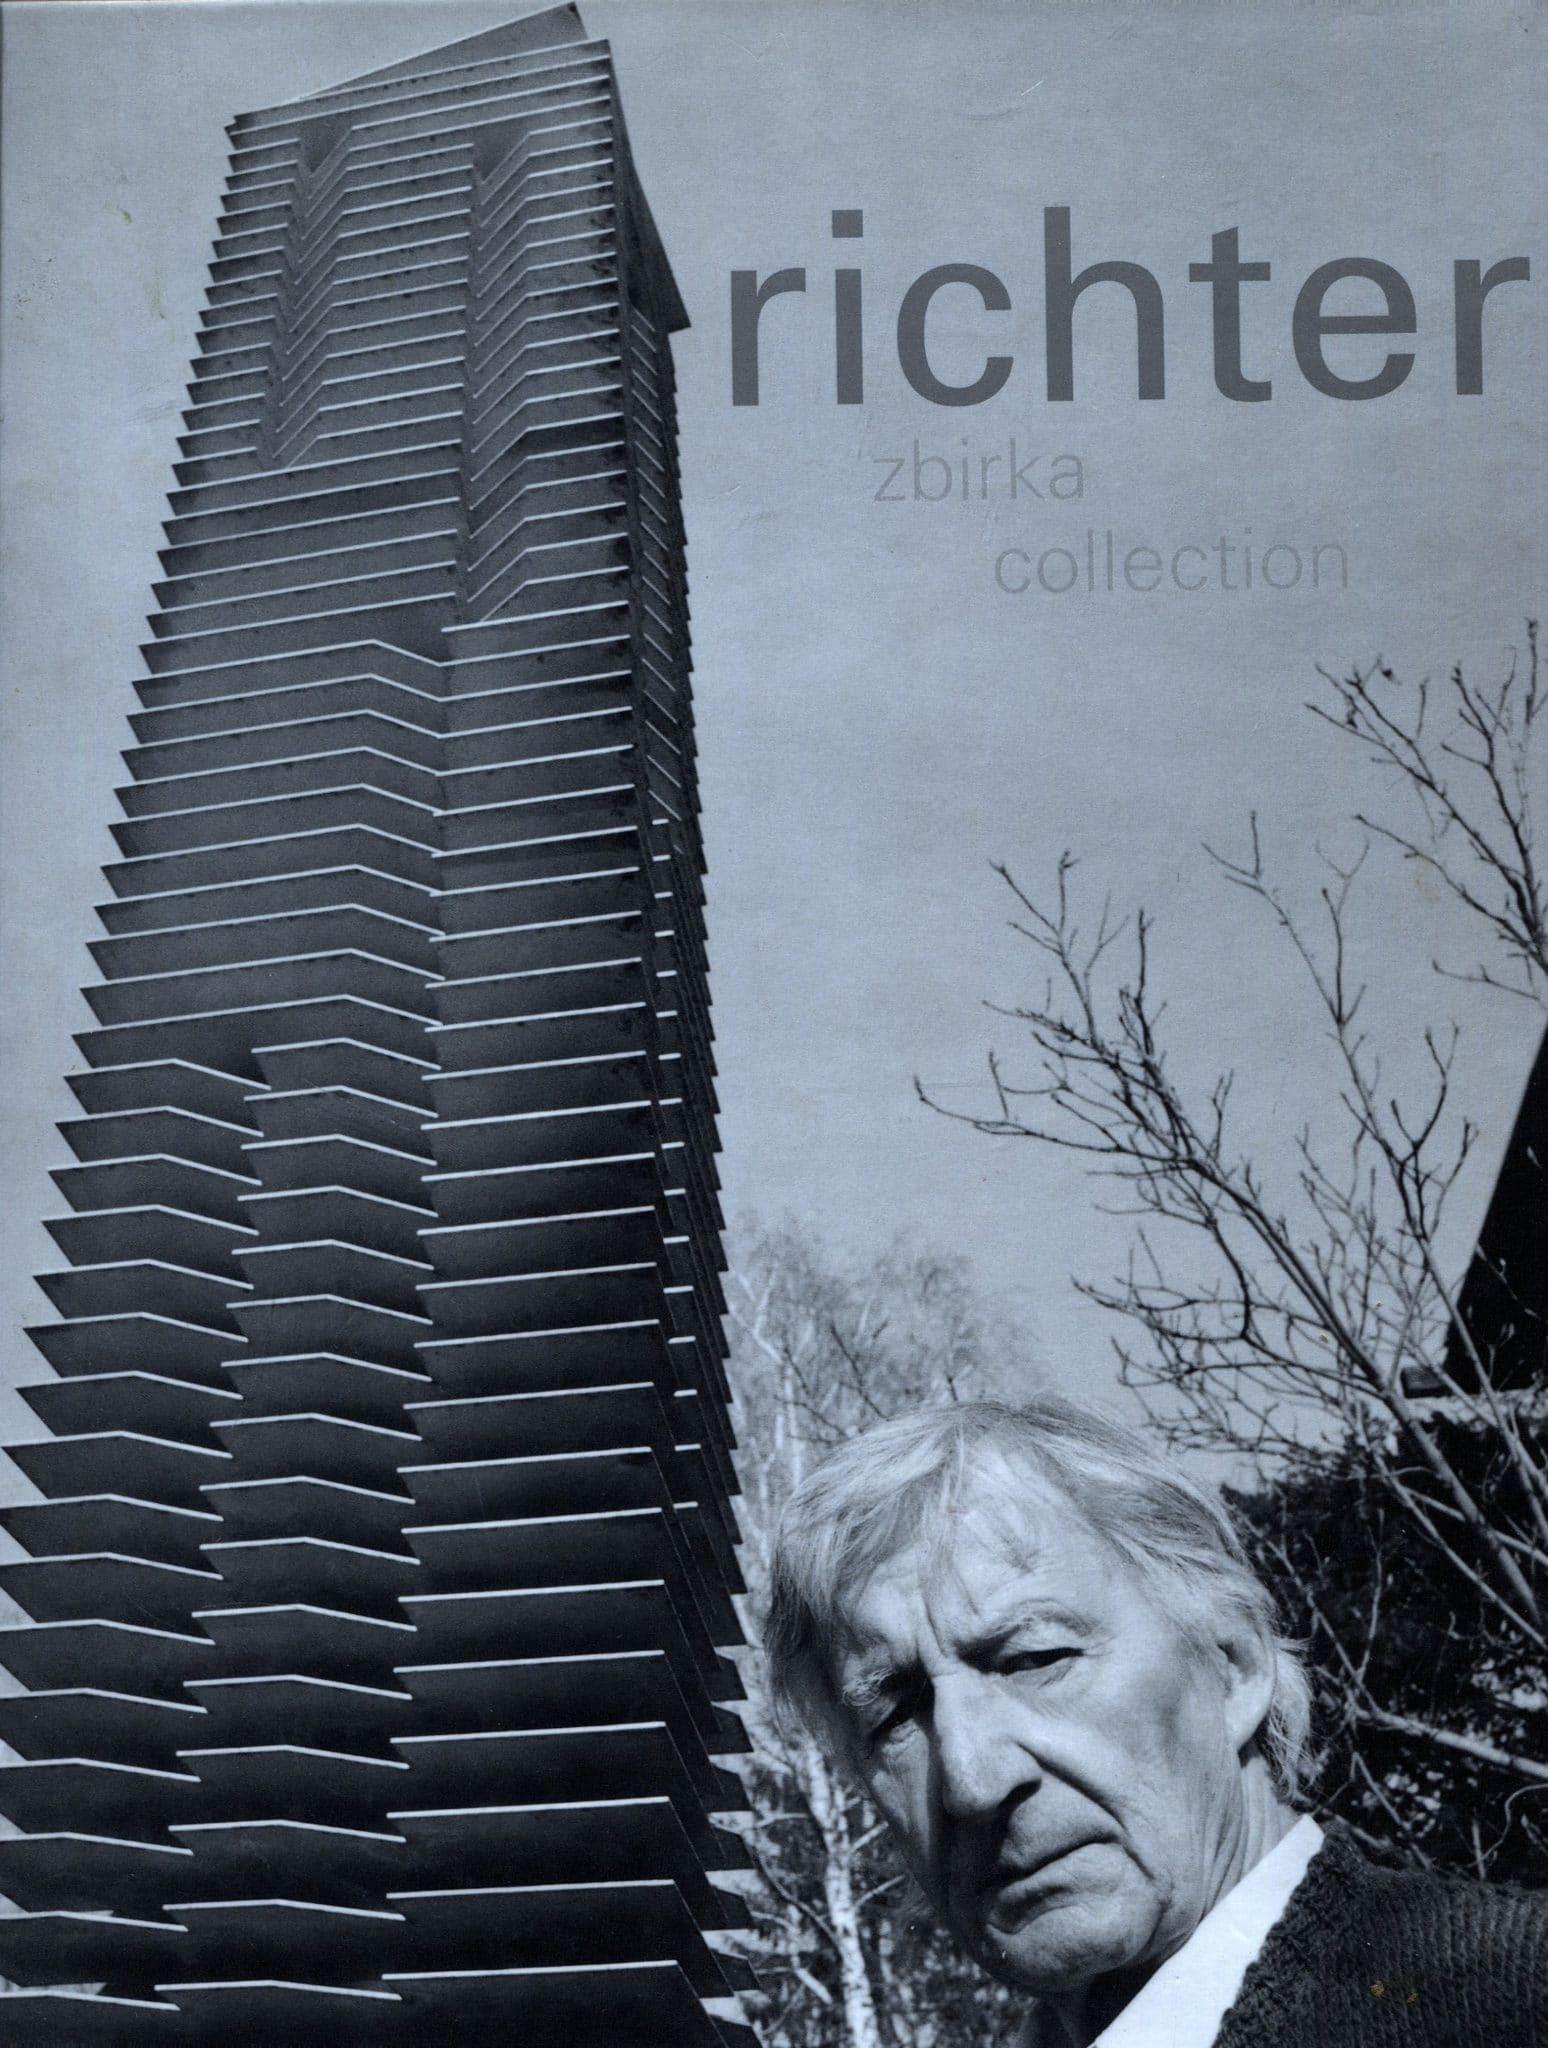 Richter - Zbirka